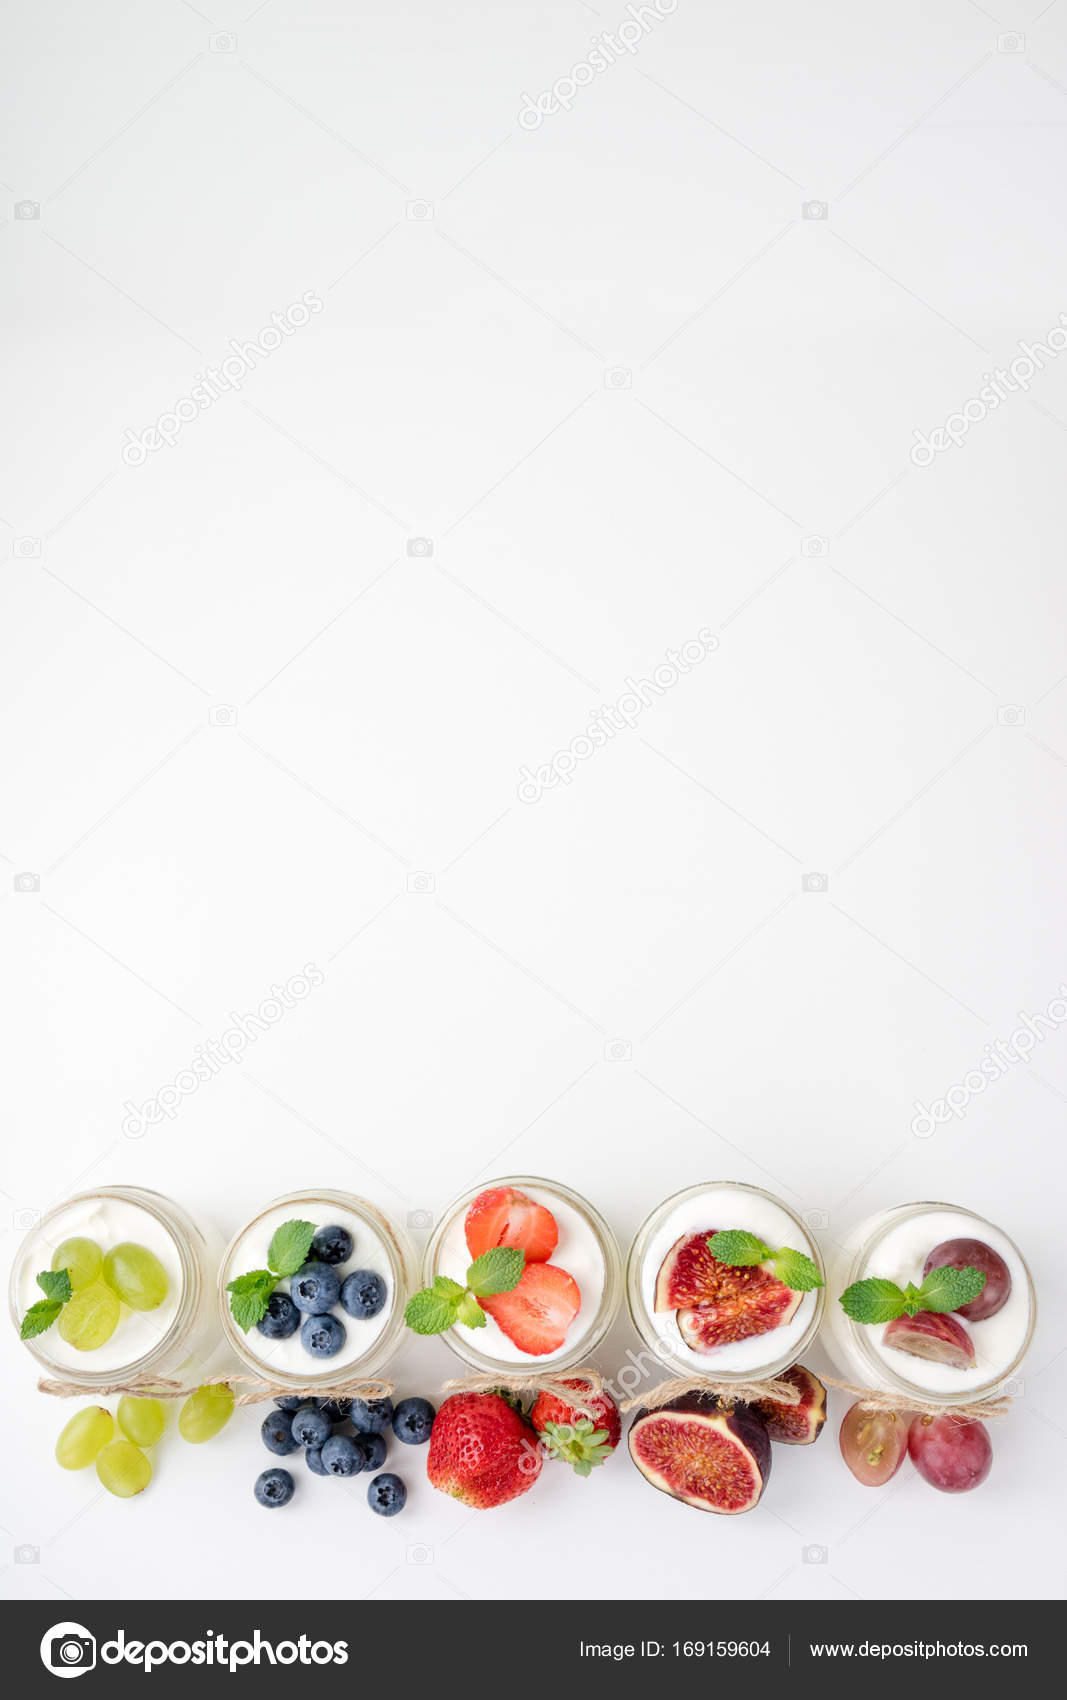 Картинки: растение, малина, фрукты, ягода, блюдо, еда, пища.